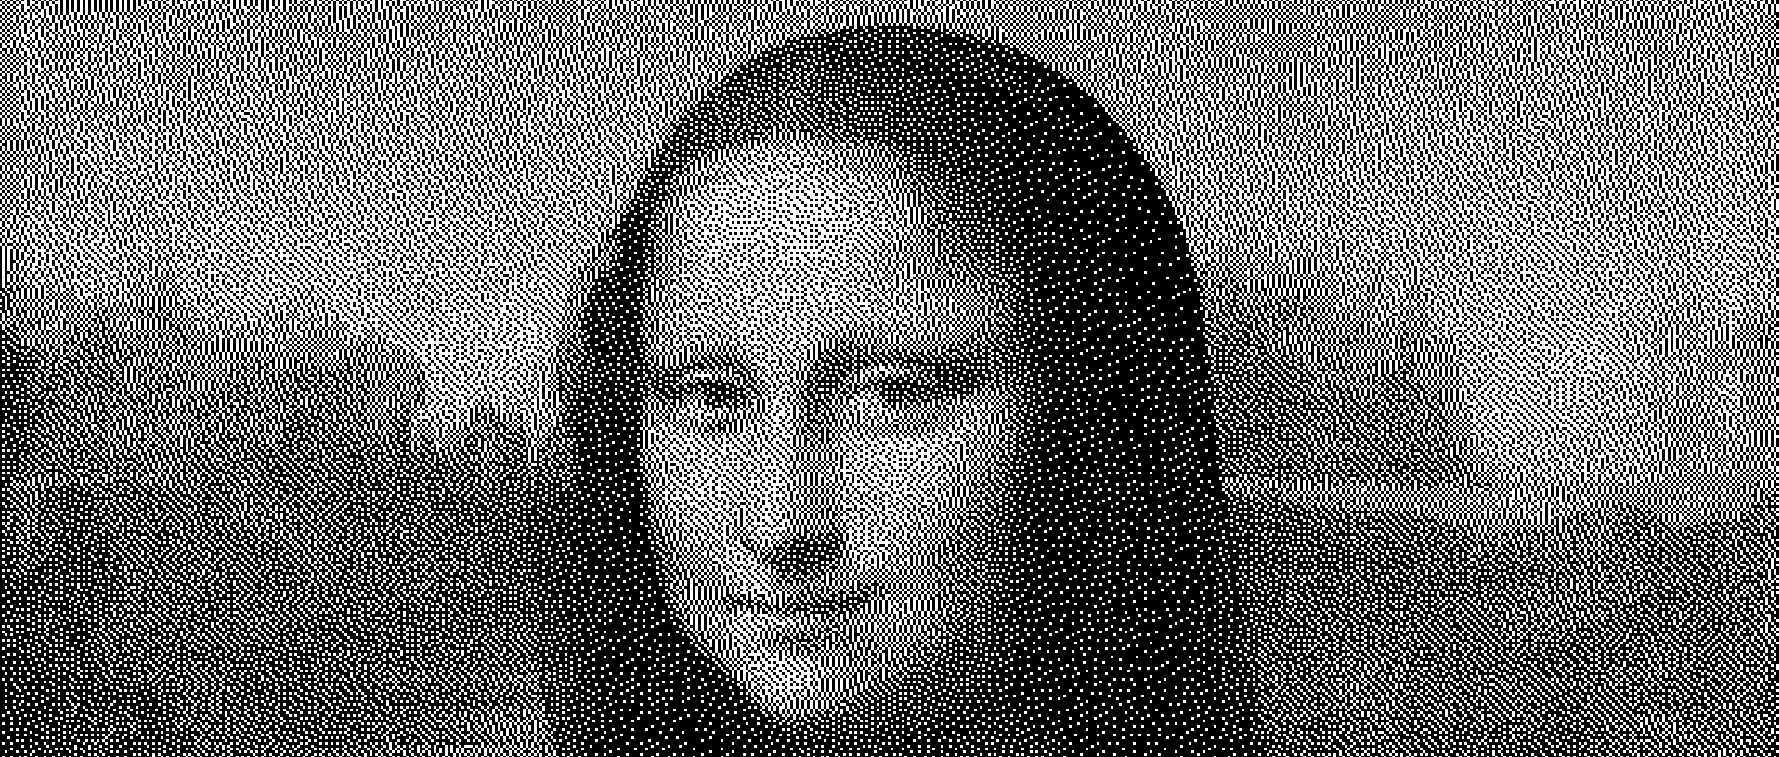 Создание образа Мона Лизы в Игре «Жизнь» - 6